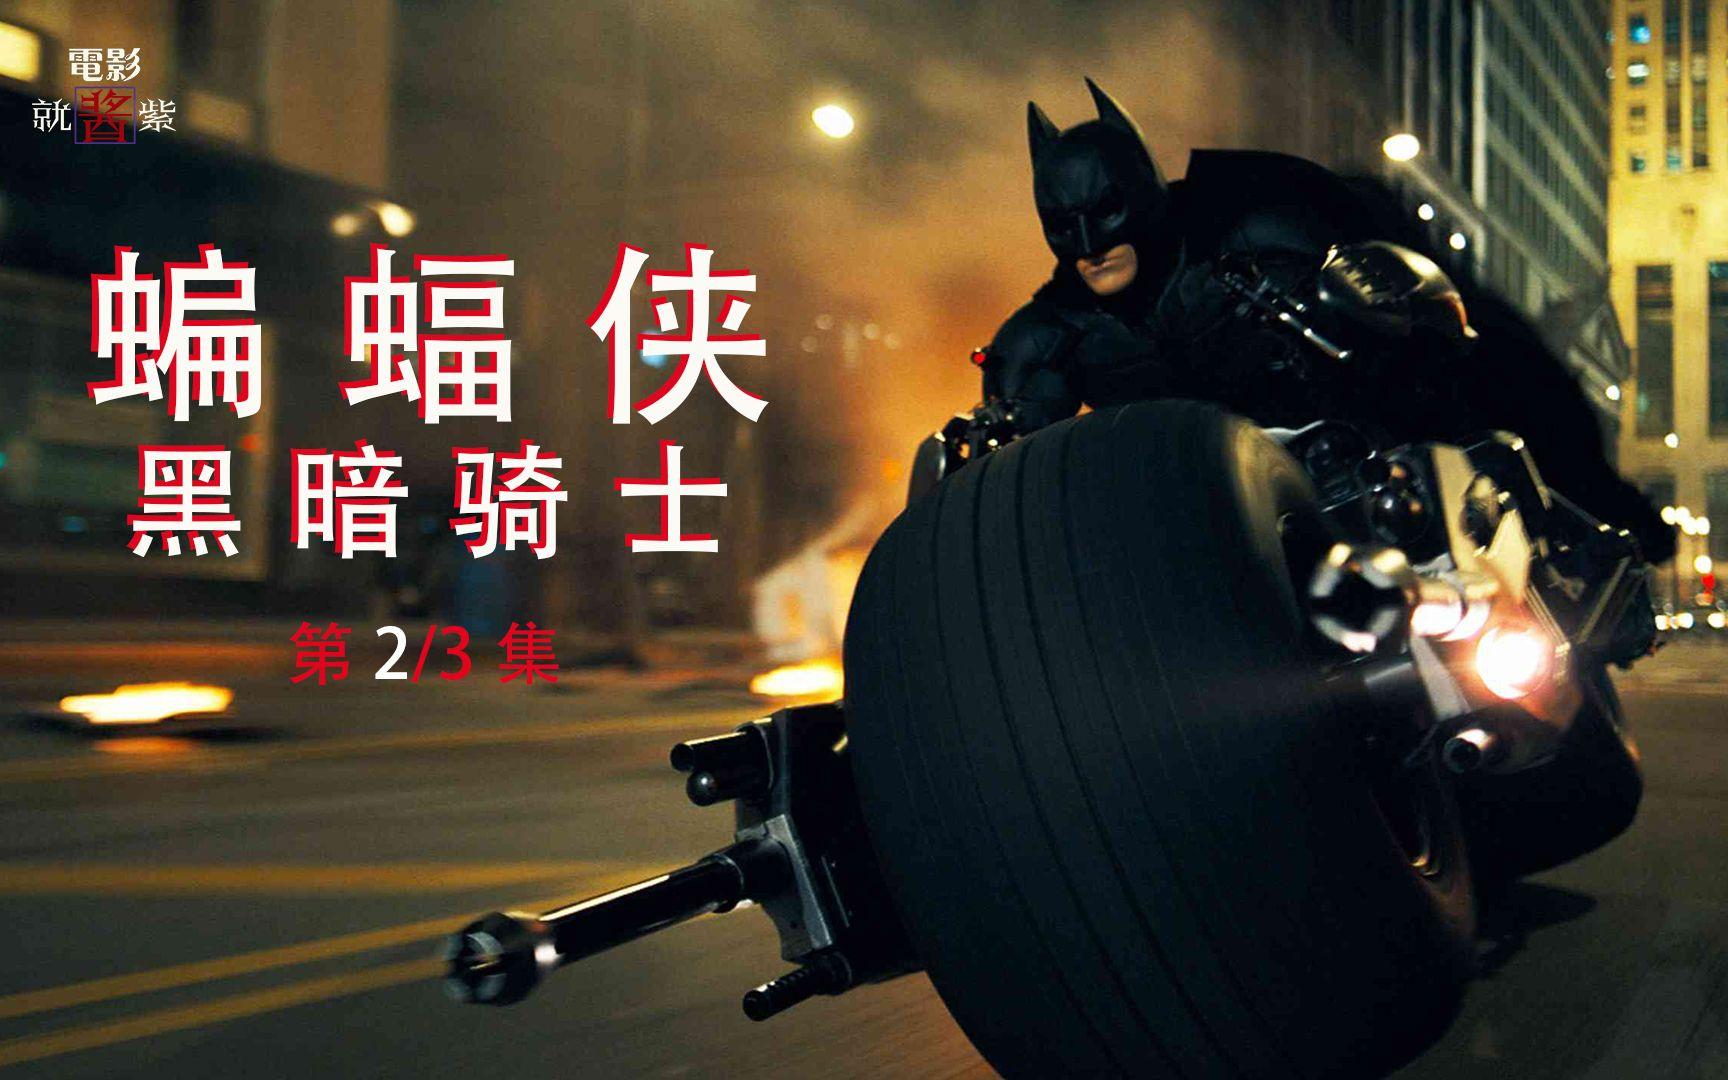 【蝙蝠侠-黑暗骑士(2u002F3)】变成双面人的哈哥能否继续守护正义?